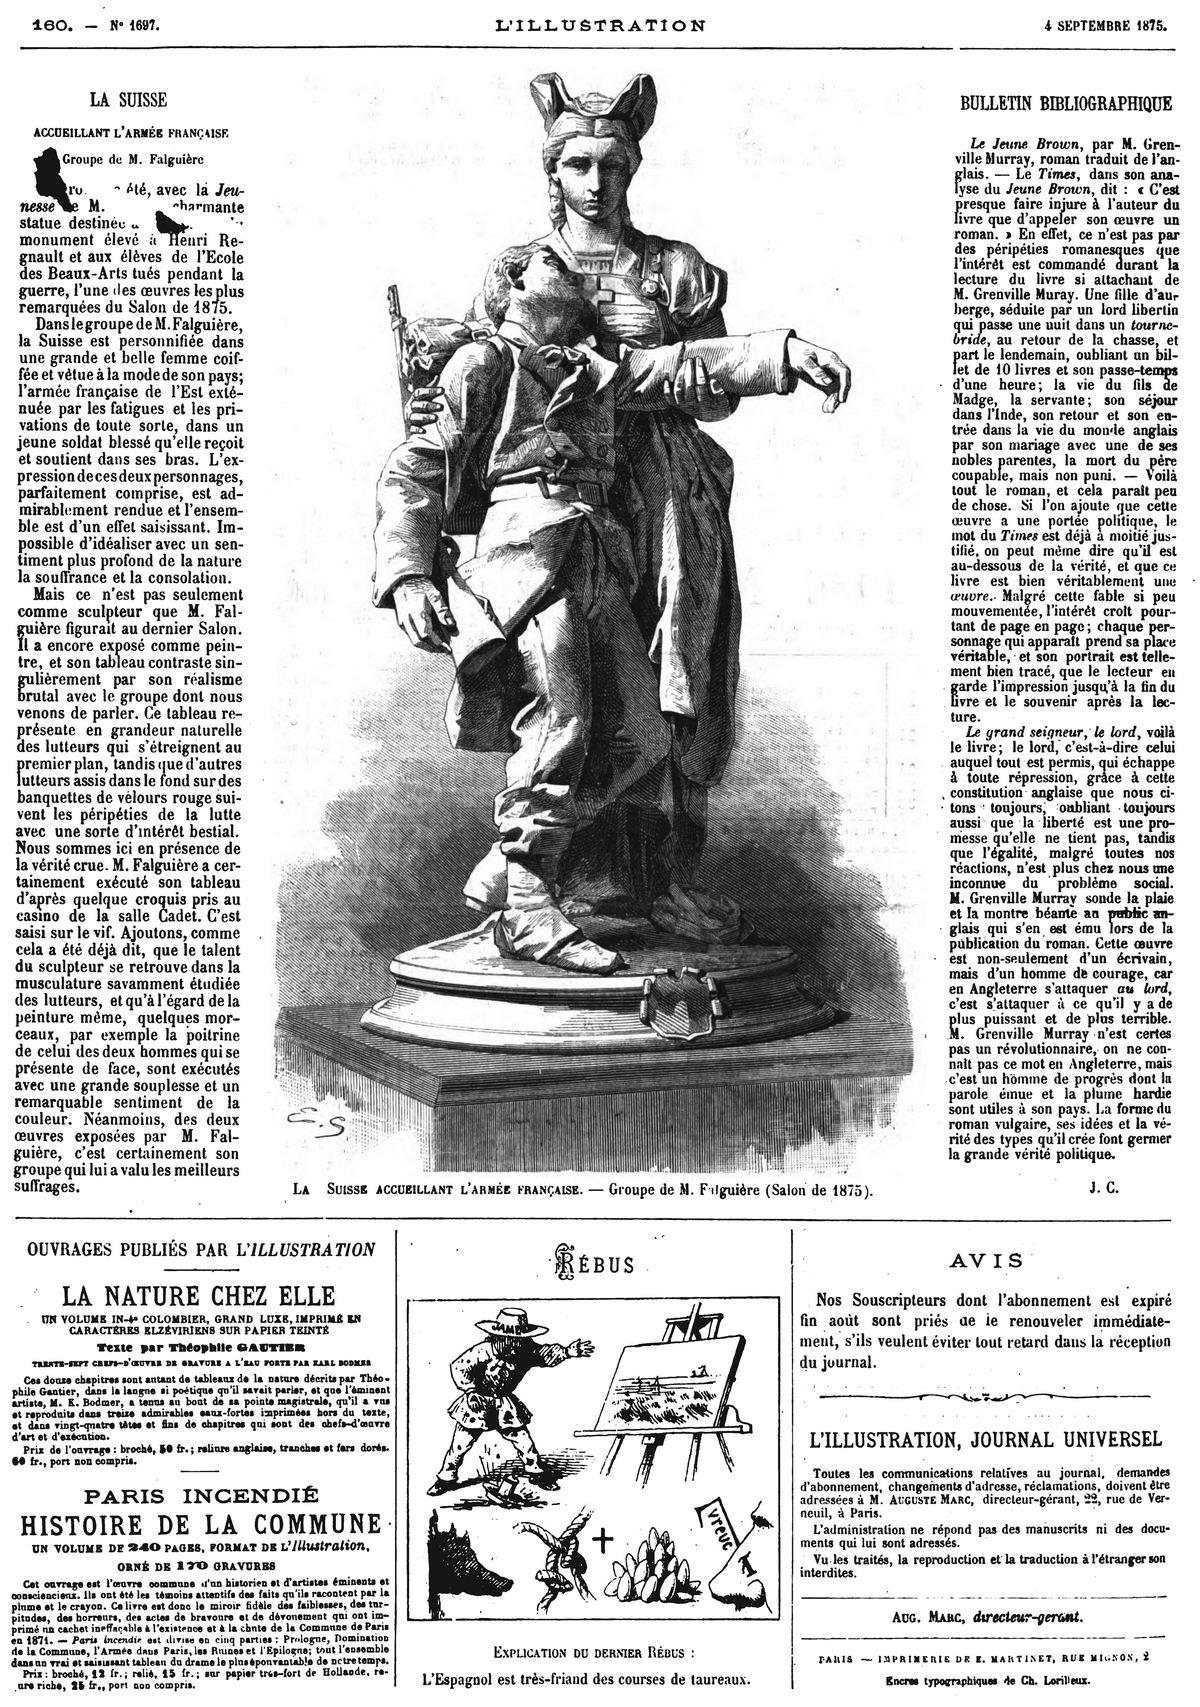 La Suisse accueillant l'armée française, groupe de M. Falguière (Salon de 1875).